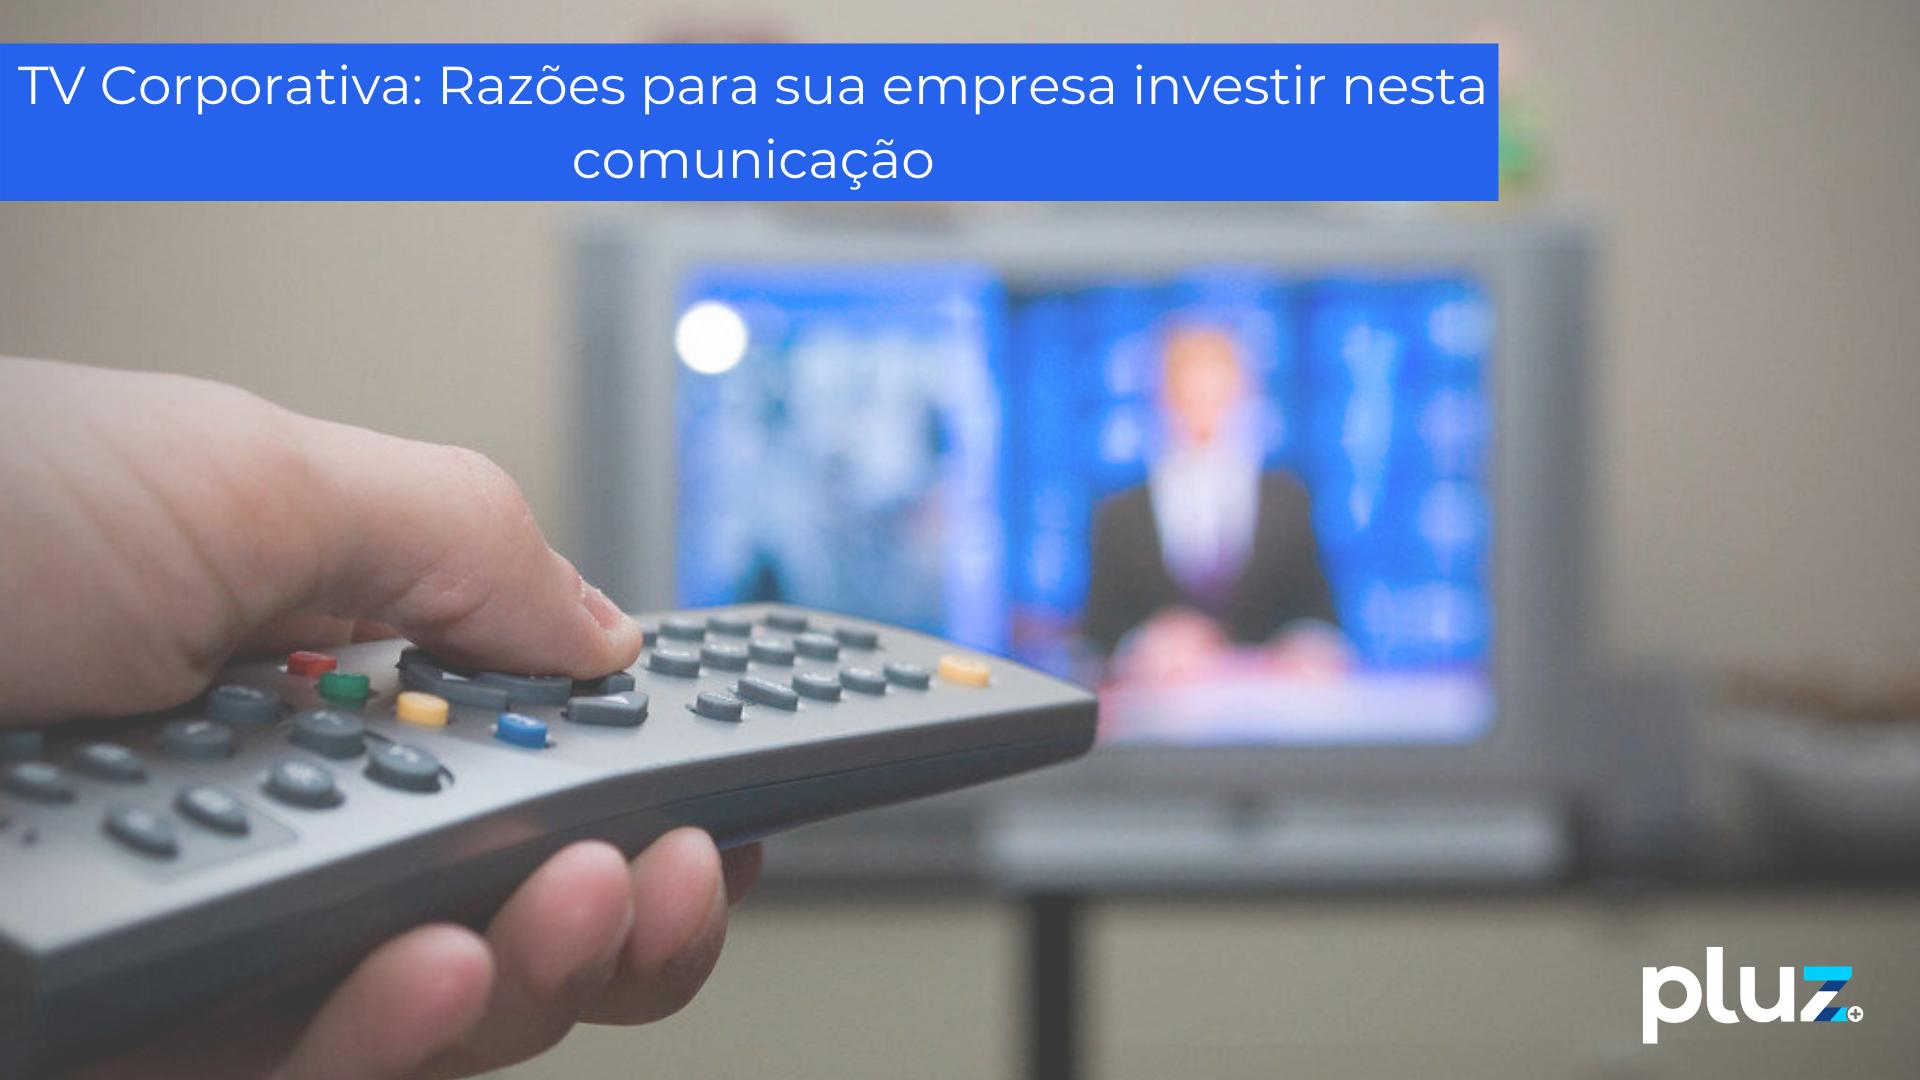 TV Corporativa: Razões para sua empresa investir nesta comunicação